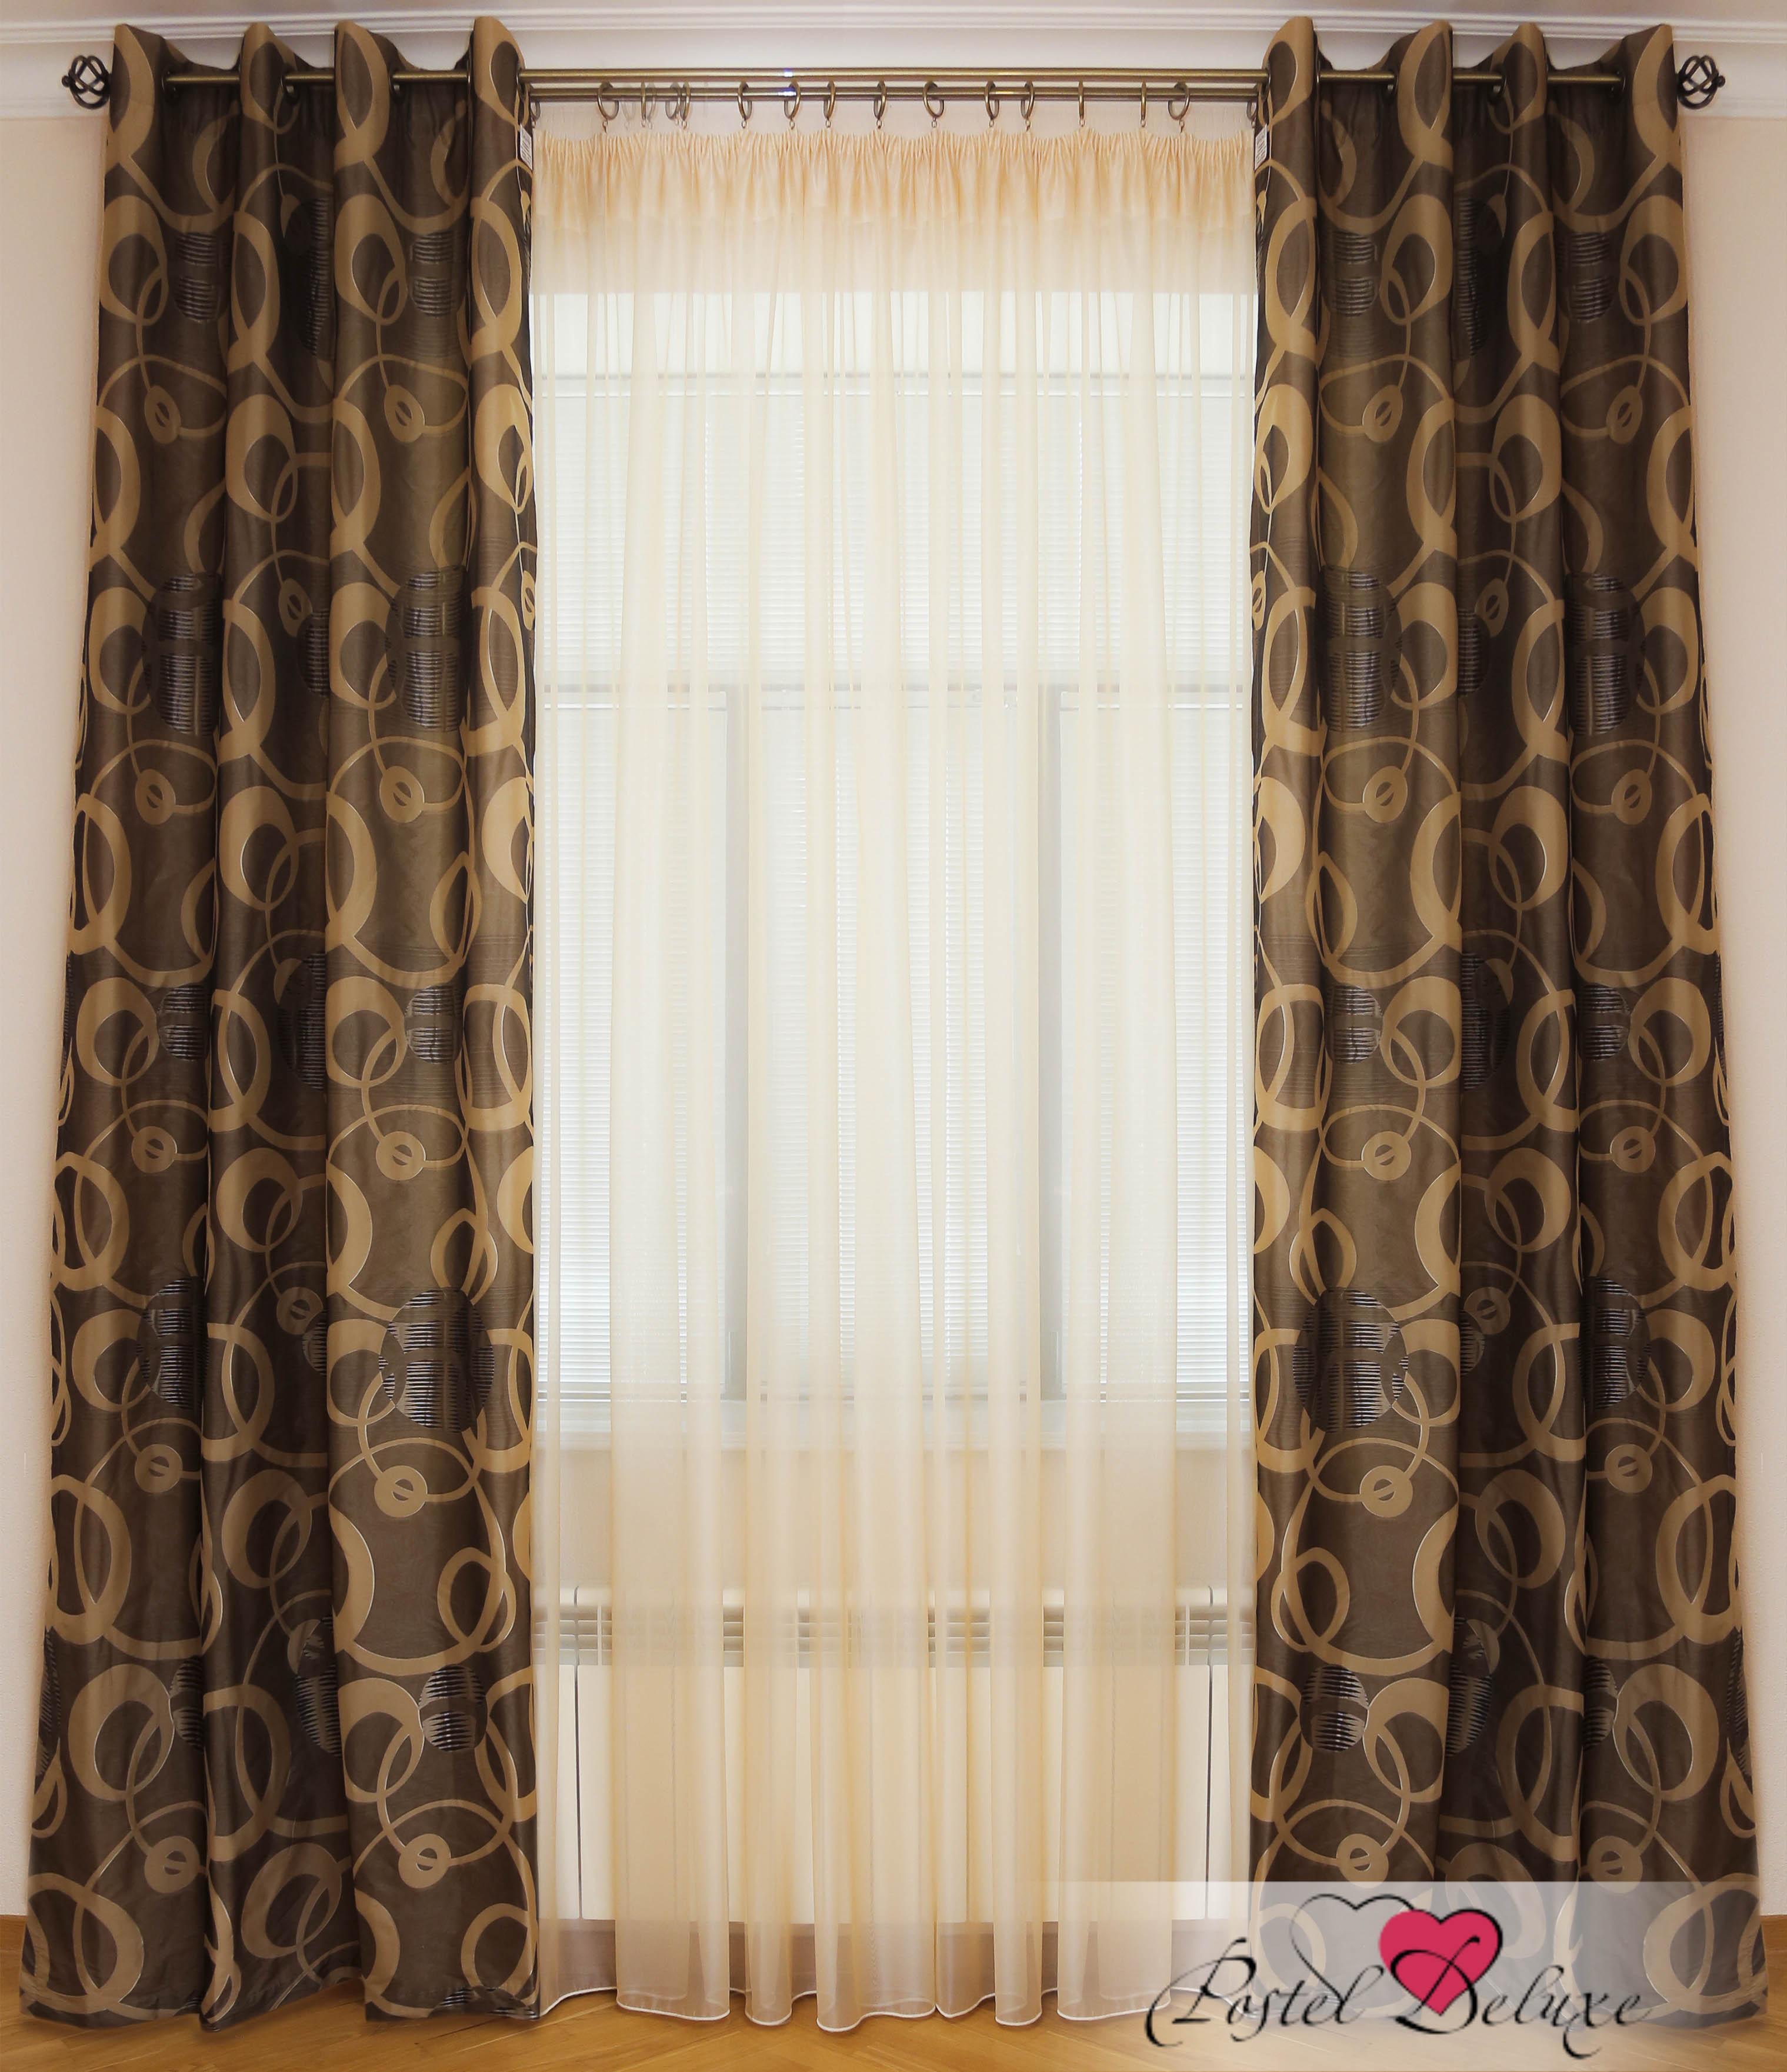 Шторы Interiotex Классические шторы Амадео Цвет: Черный шторы tac классические шторы winx цвет персиковый 200x265 см